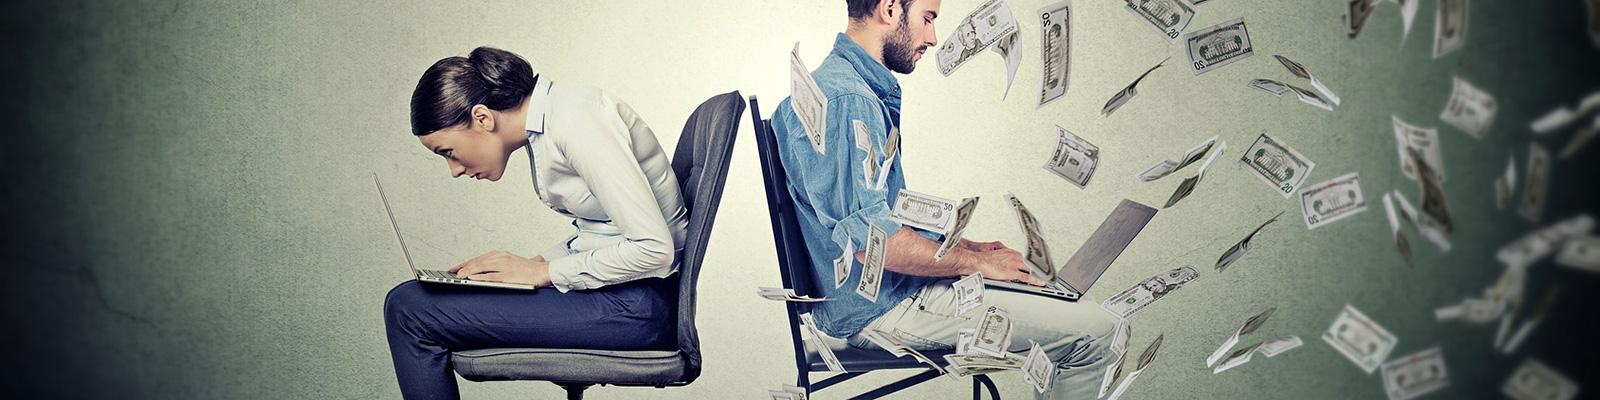 テクノロジースタートアップは経済的不平等に貢献しているか?